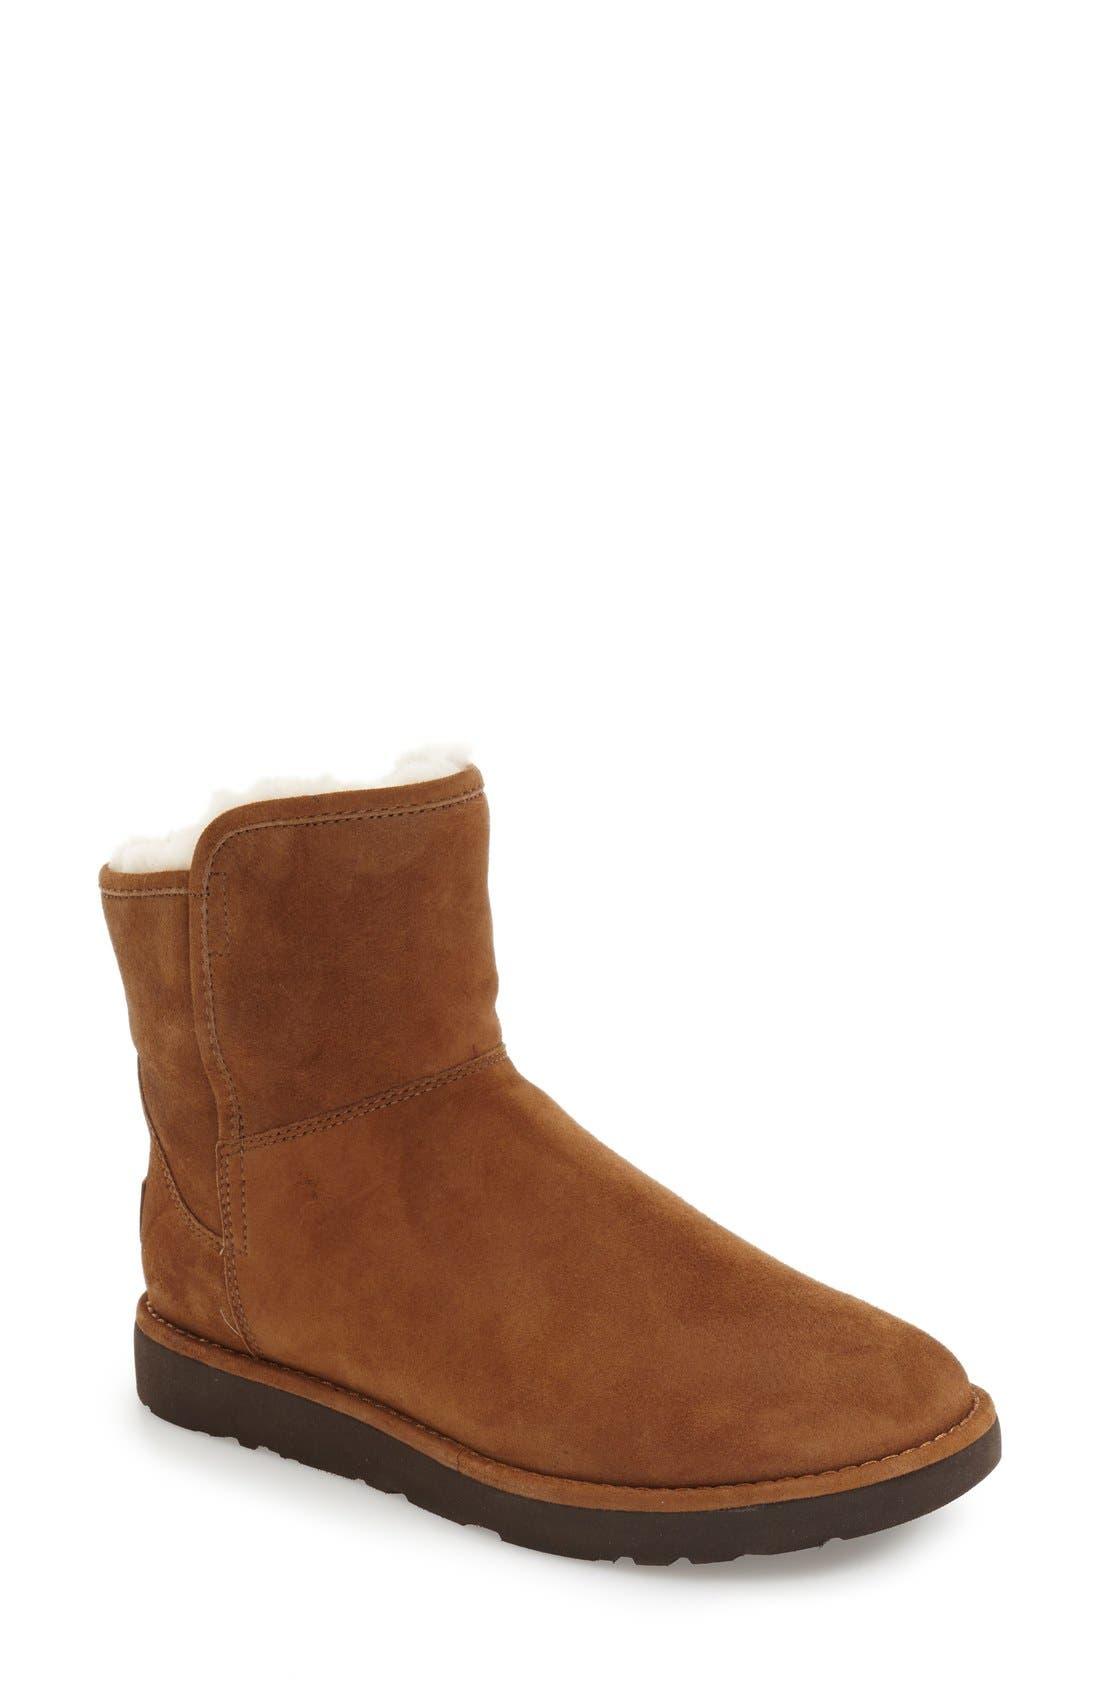 Ugg Abree Ii Mini Boot, Brown